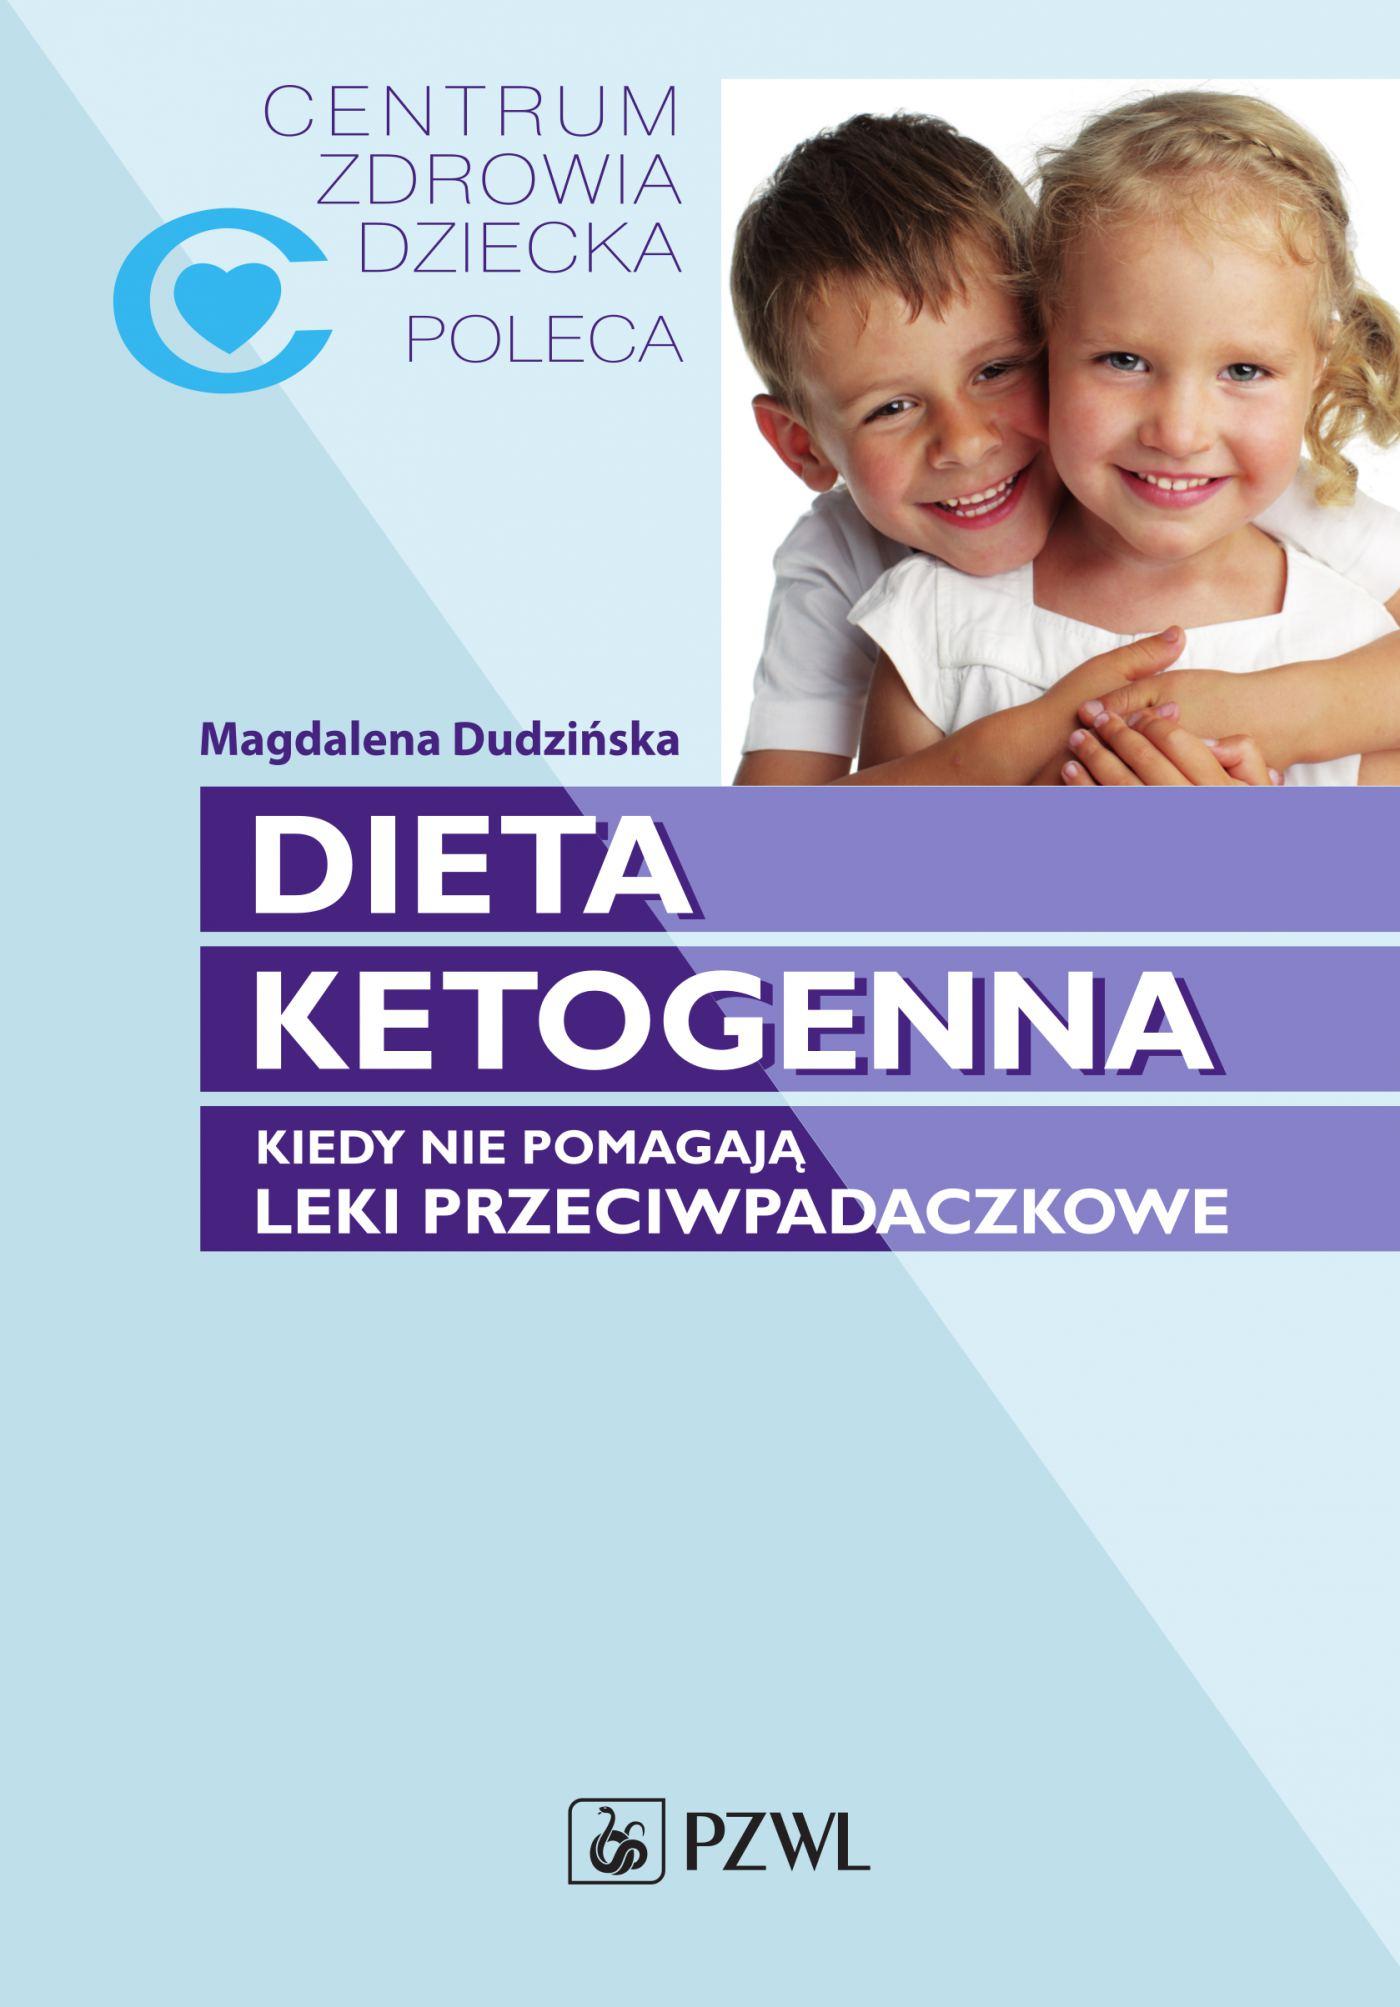 Dieta ketogenna. Kiedy nie pomagają leki przeciwpadaczkowe - Ebook (Książka EPUB) do pobrania w formacie EPUB